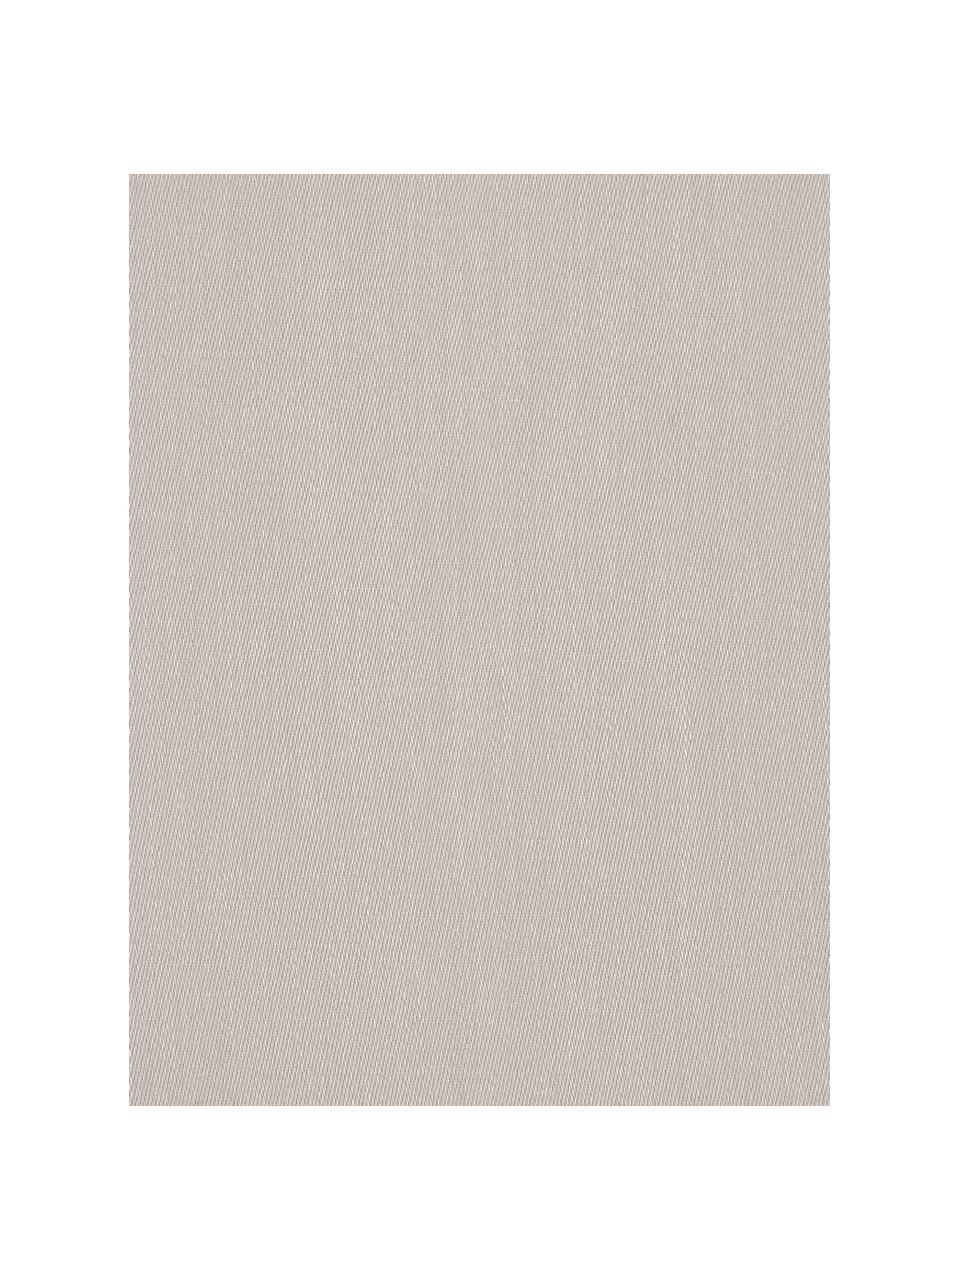 Set lenzuola in raso di cotone taupe Comfort, Tessuto: raso Densità del filo 250, Taupe, 240 x 300 cm + 2 cuscini 50 x 80 cm